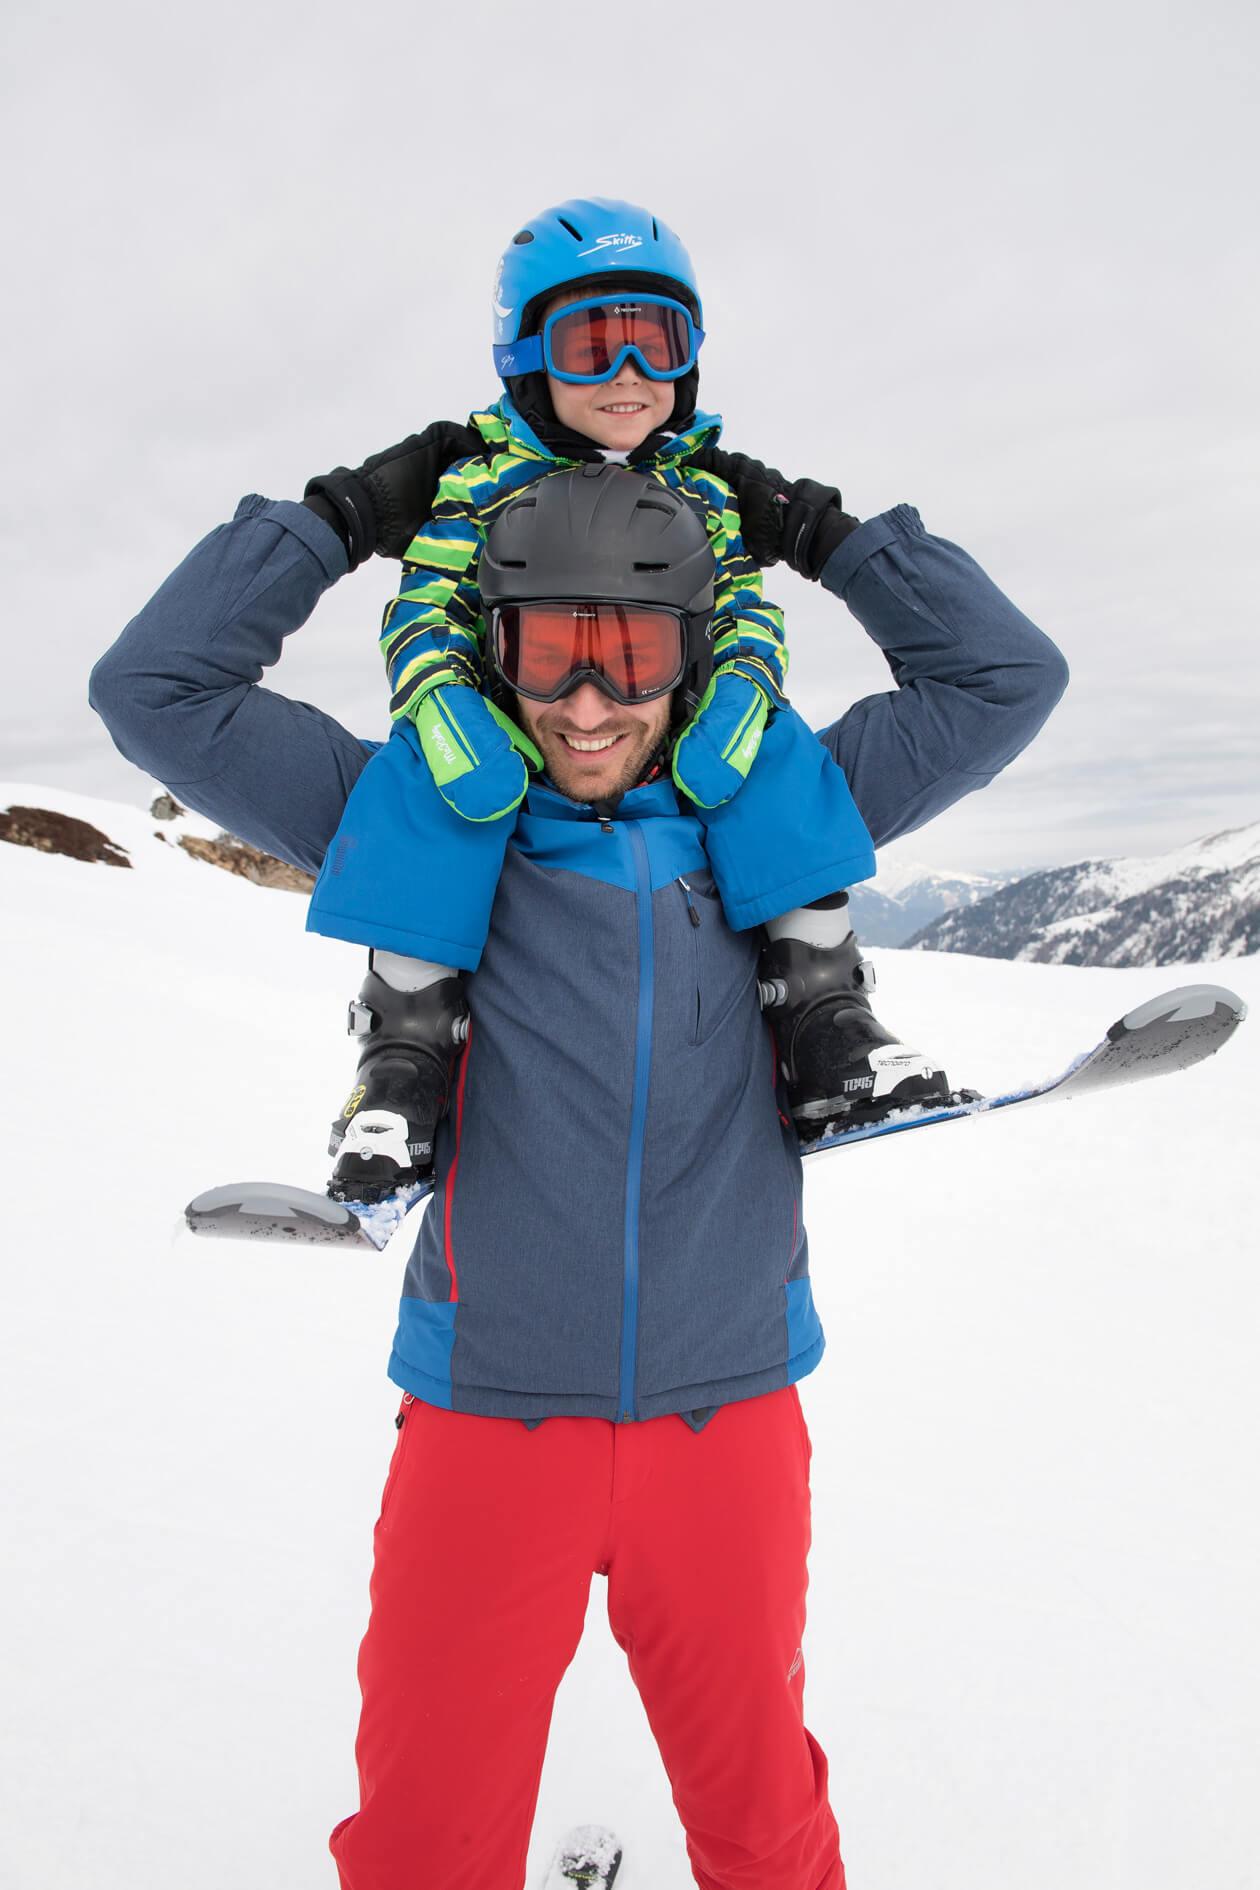 Ihr könnt ersten Schneeflocken auch kaum erwarten Der nächste Skiurlaub hält sicher jede Menge Schnee für euch bereit Und mit den Produkten von